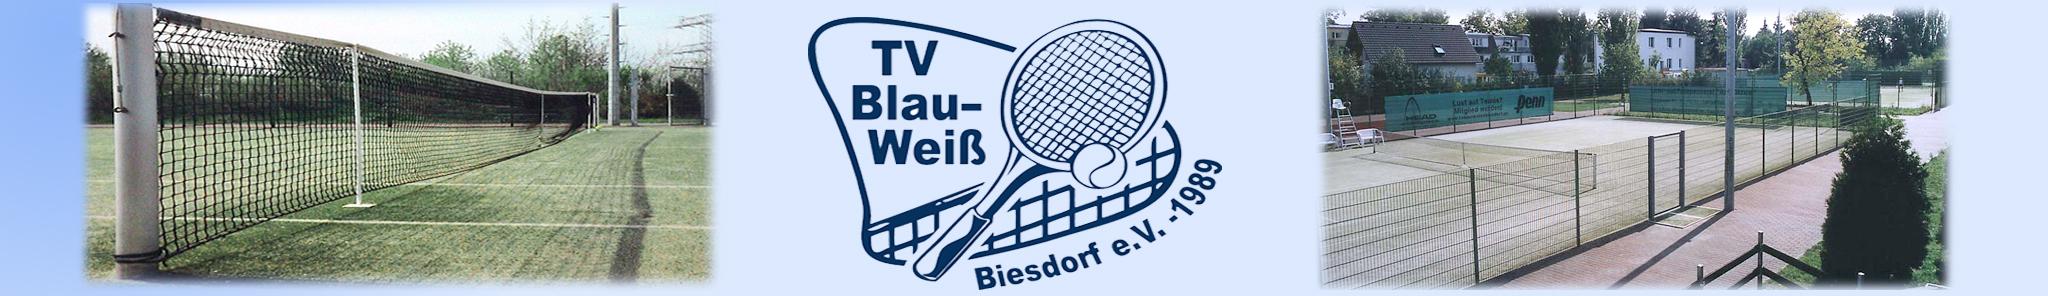 TV Blau Weiss Biesdorf e.V.